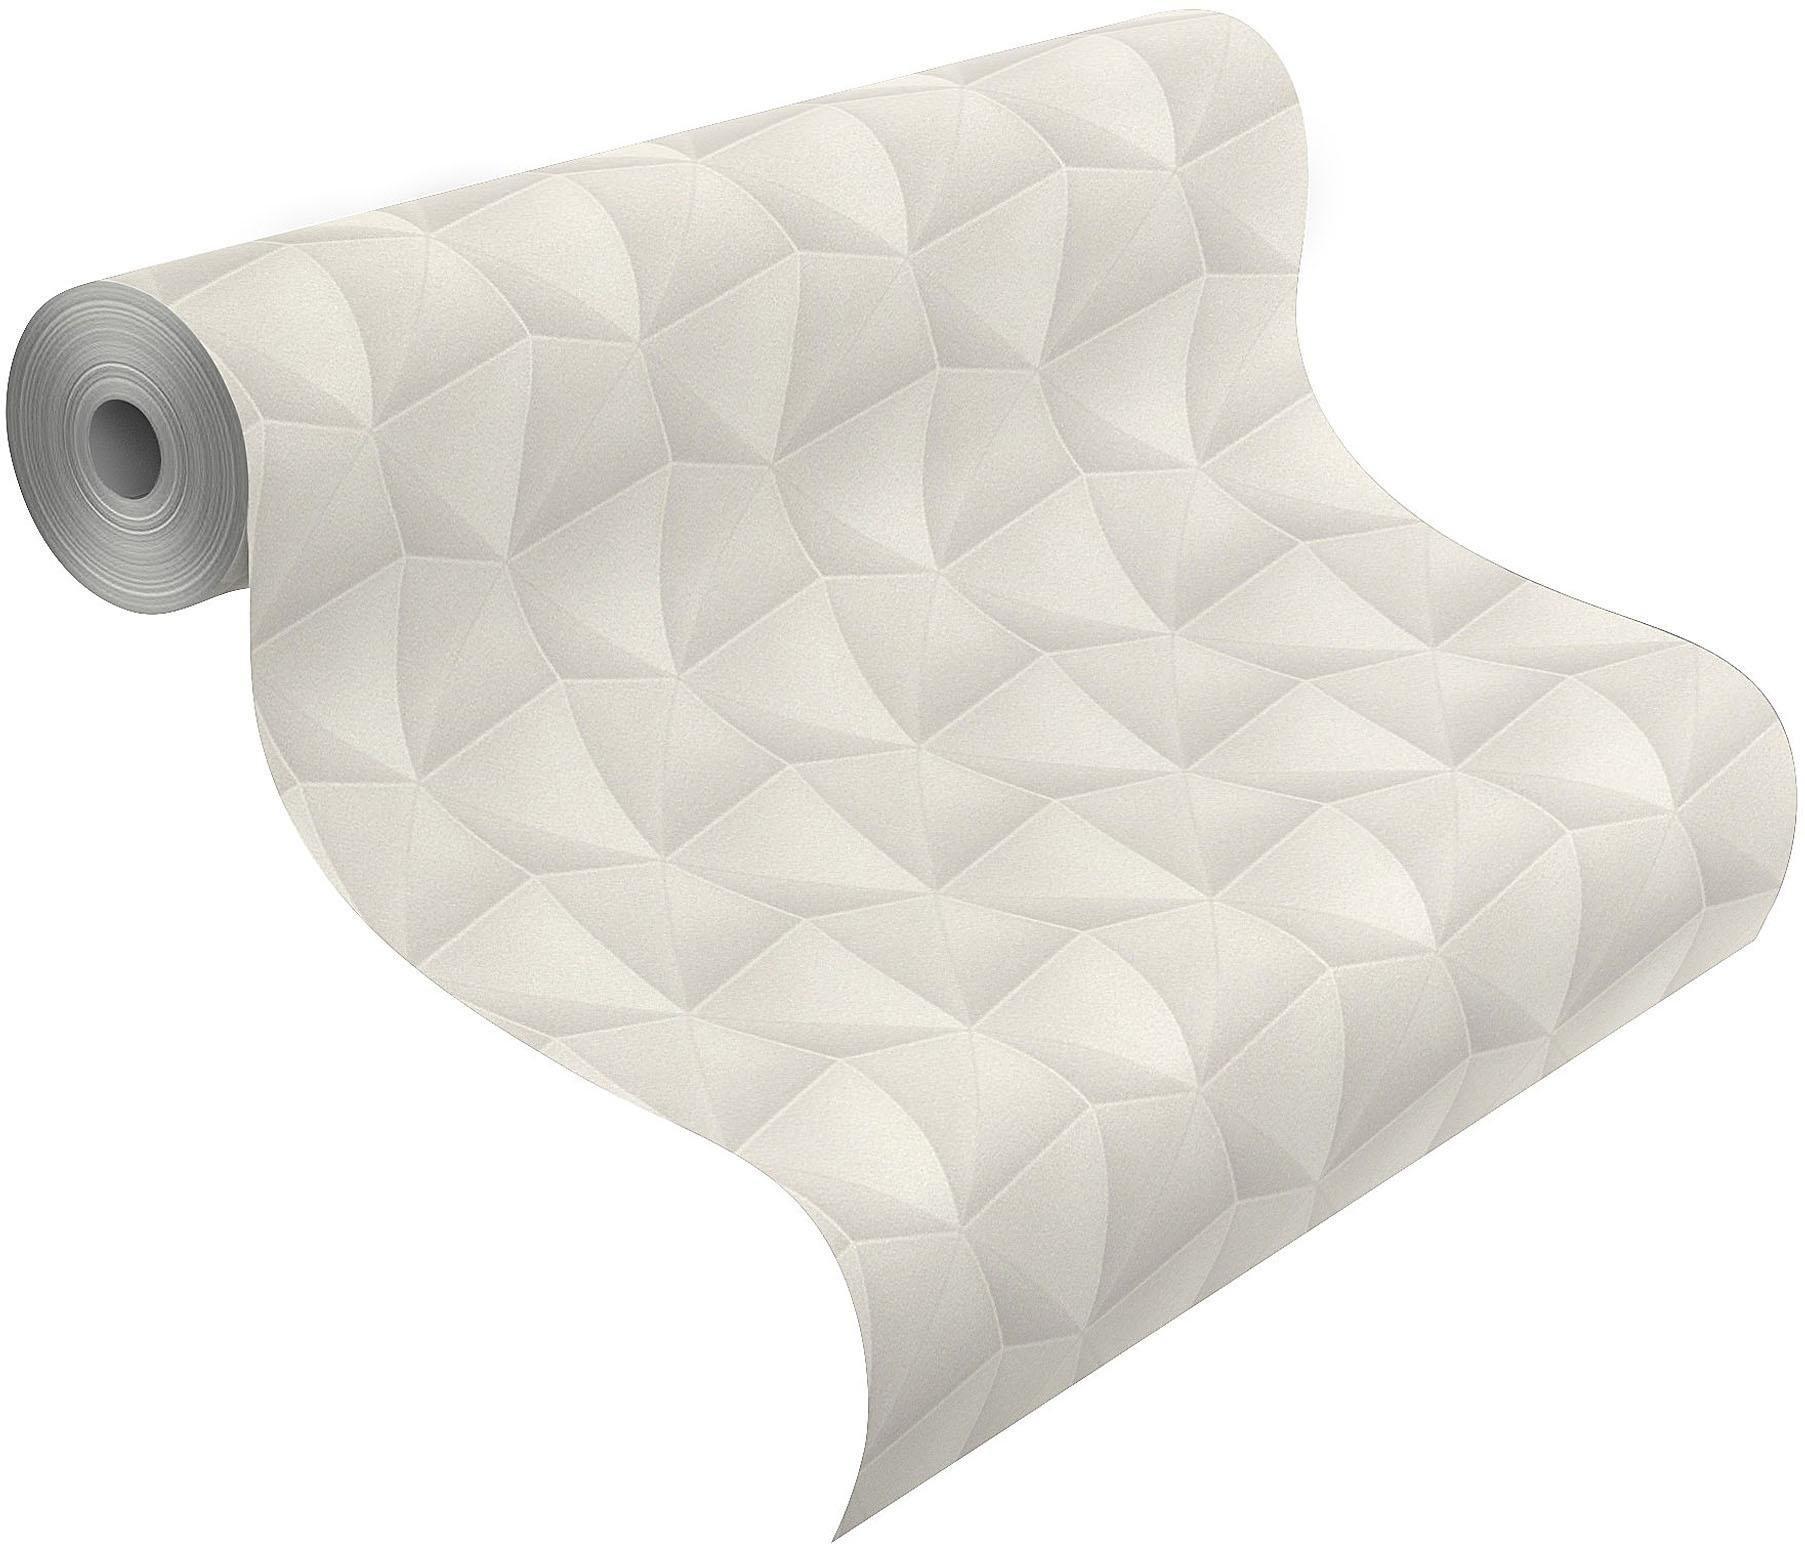 Vliestapete, Rasch, »Deco Style« | Baumarkt | Muster - White | Rasch